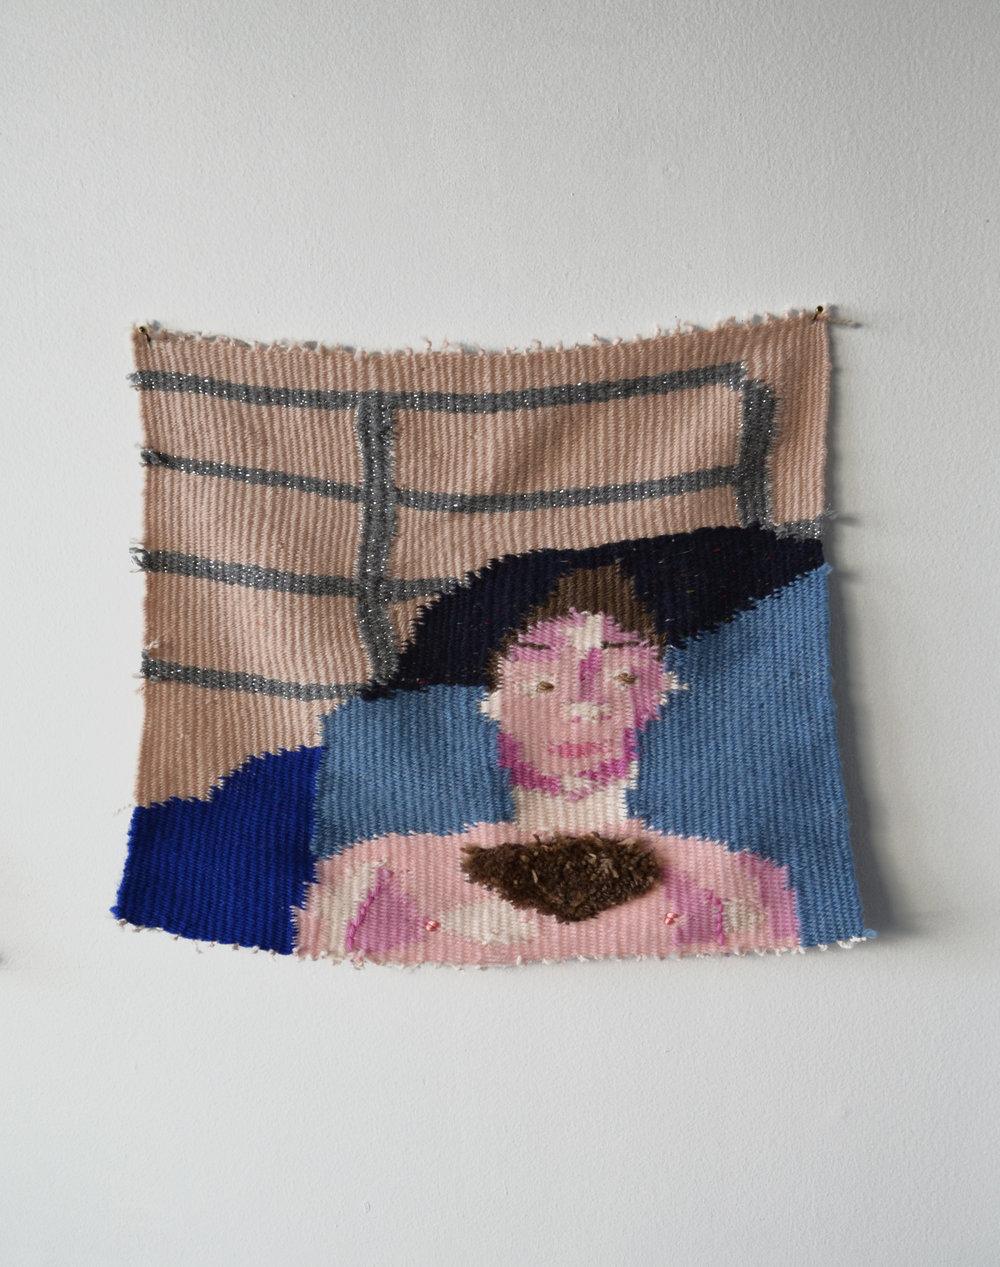 Slow Portrait of yngstud24  2016 Wool and Acrylic Yarn